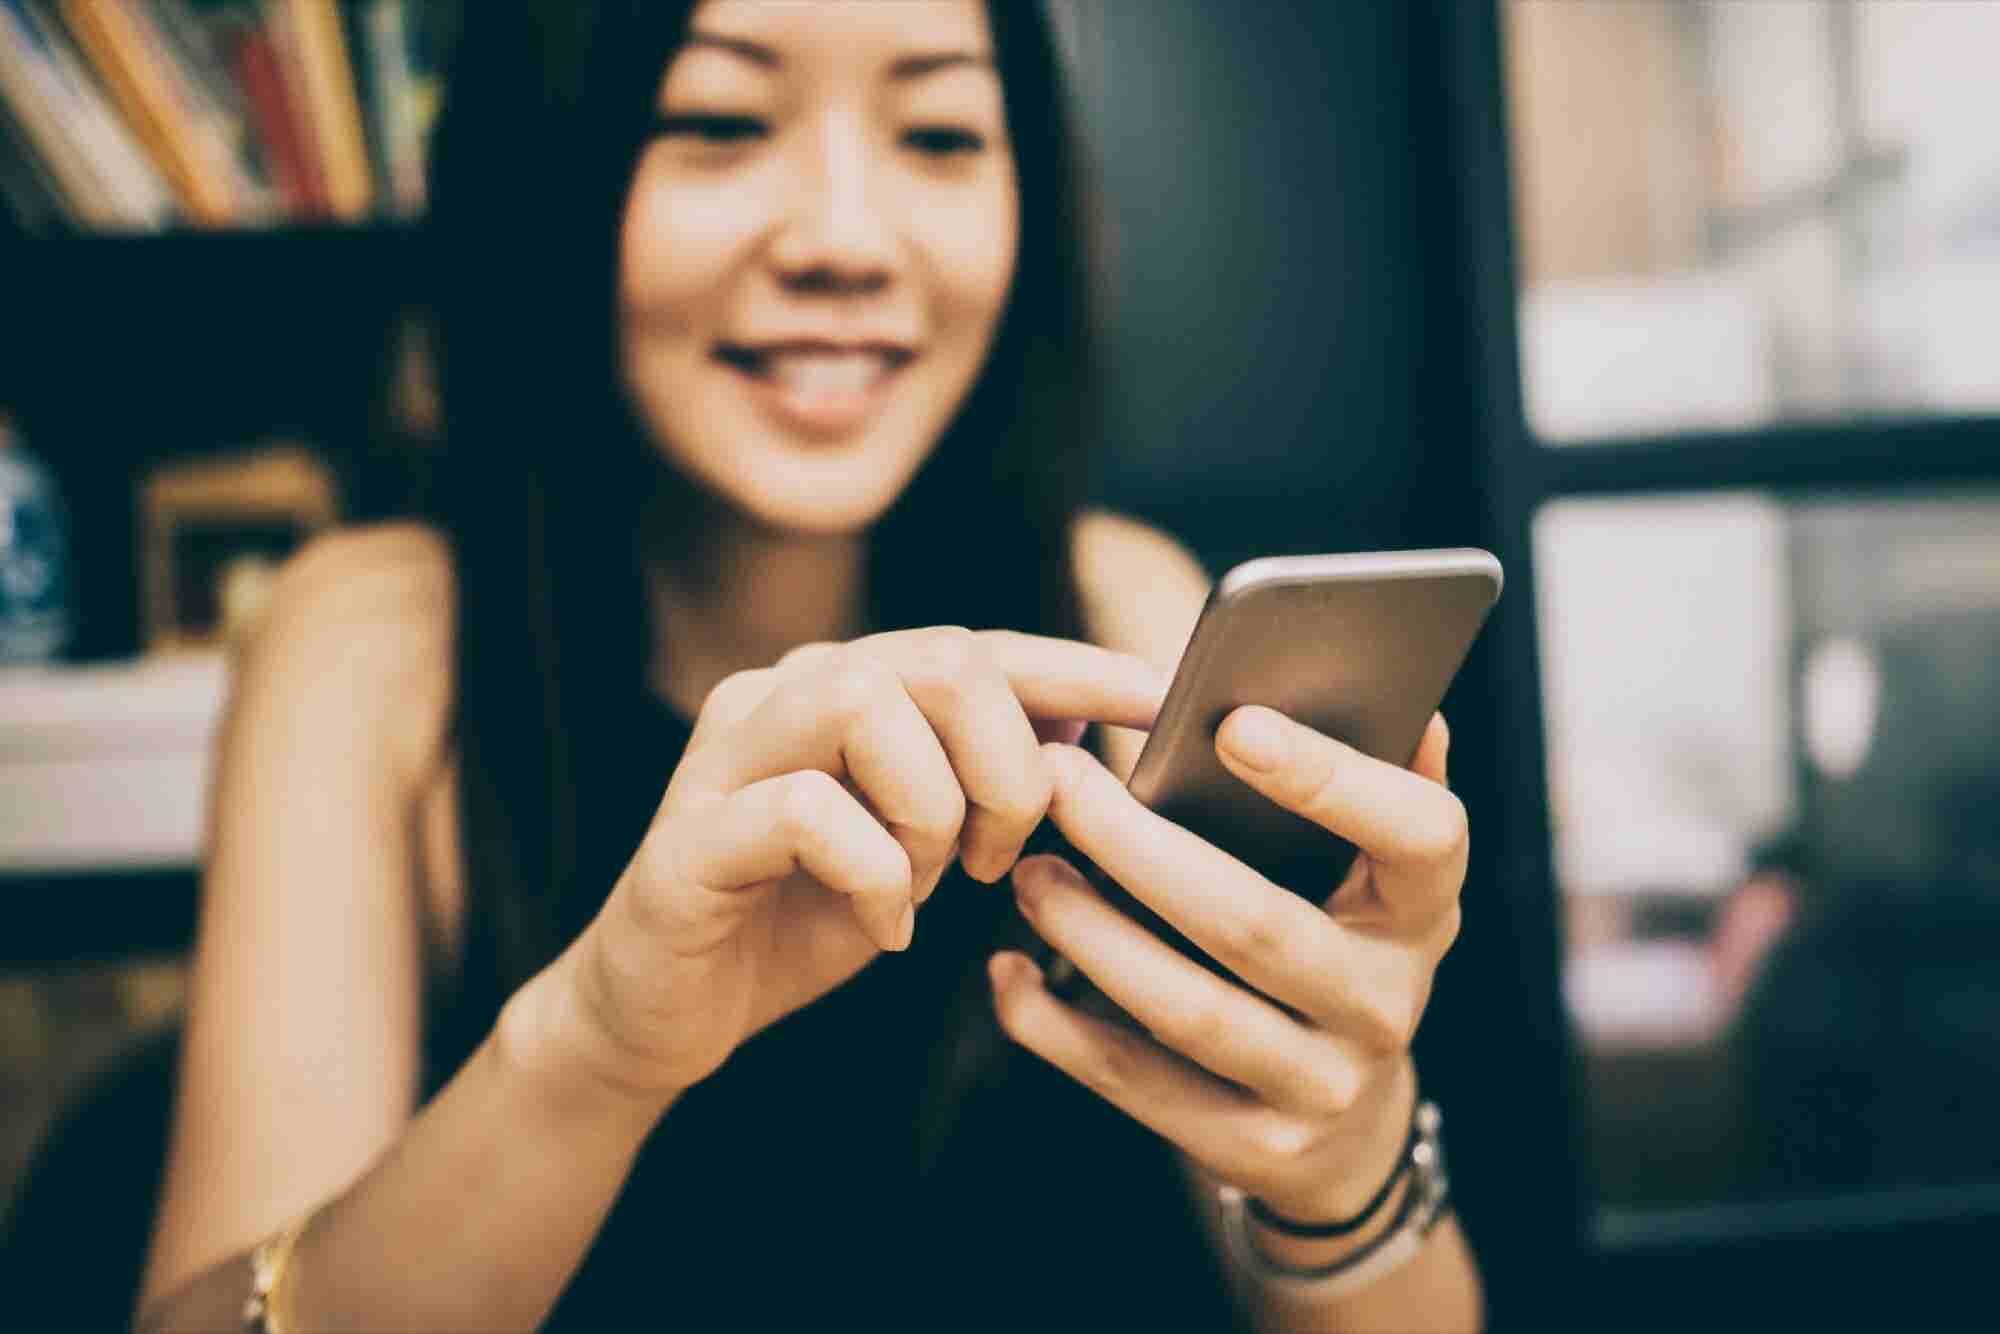 5 Winning Social Media Strategies From a Master Marketer